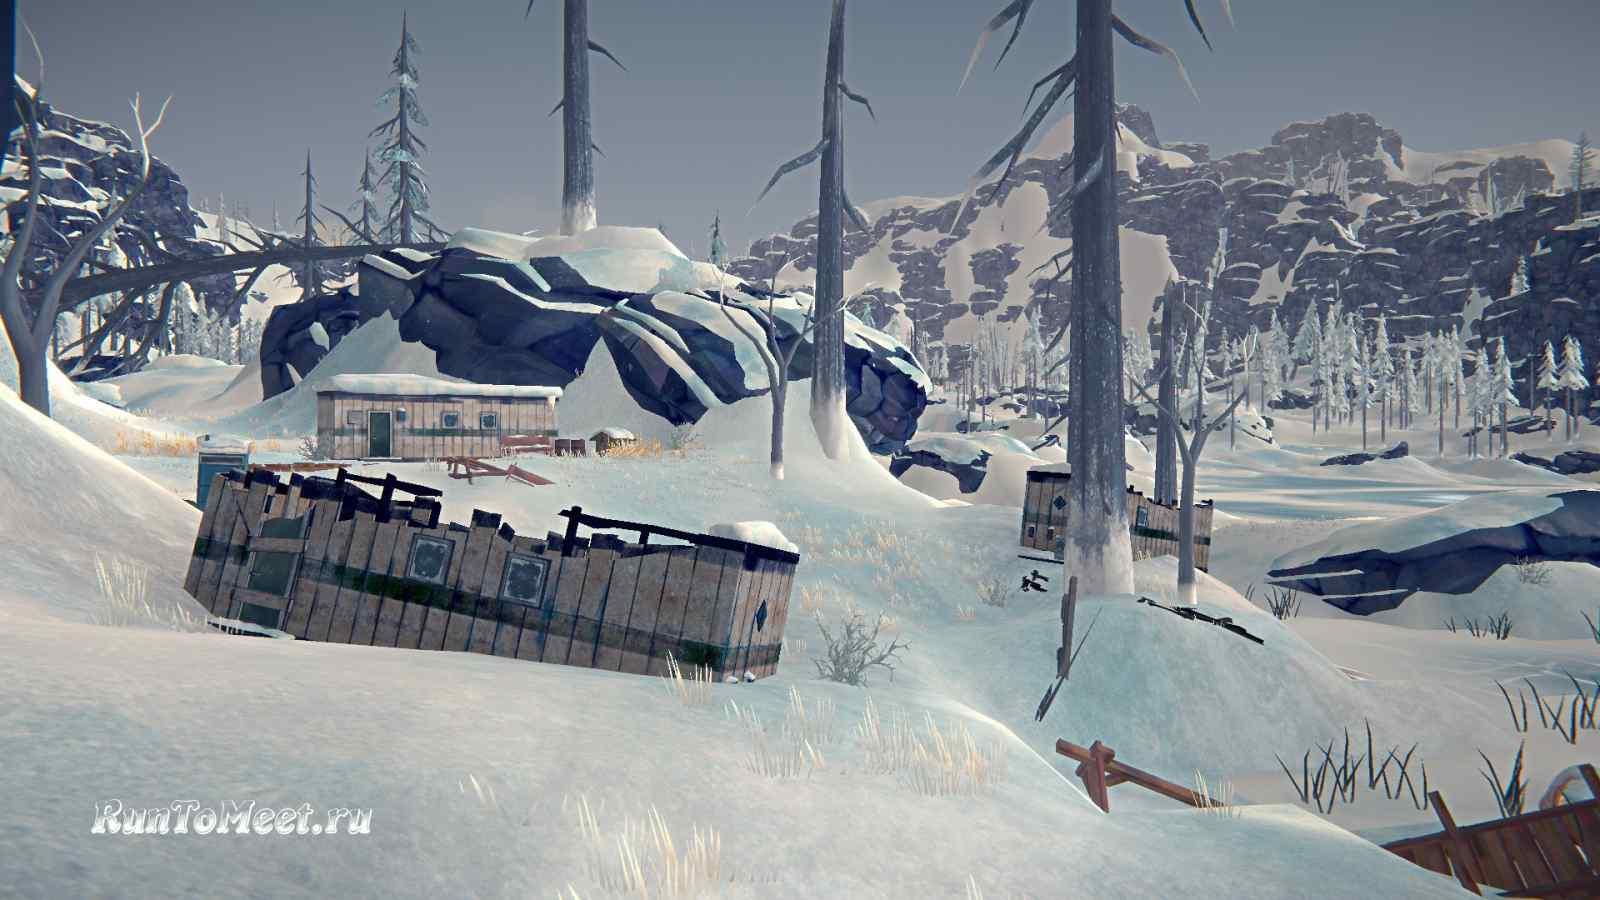 Разрушенные вагончики, на локации Бледная бухта, в игре The long dark